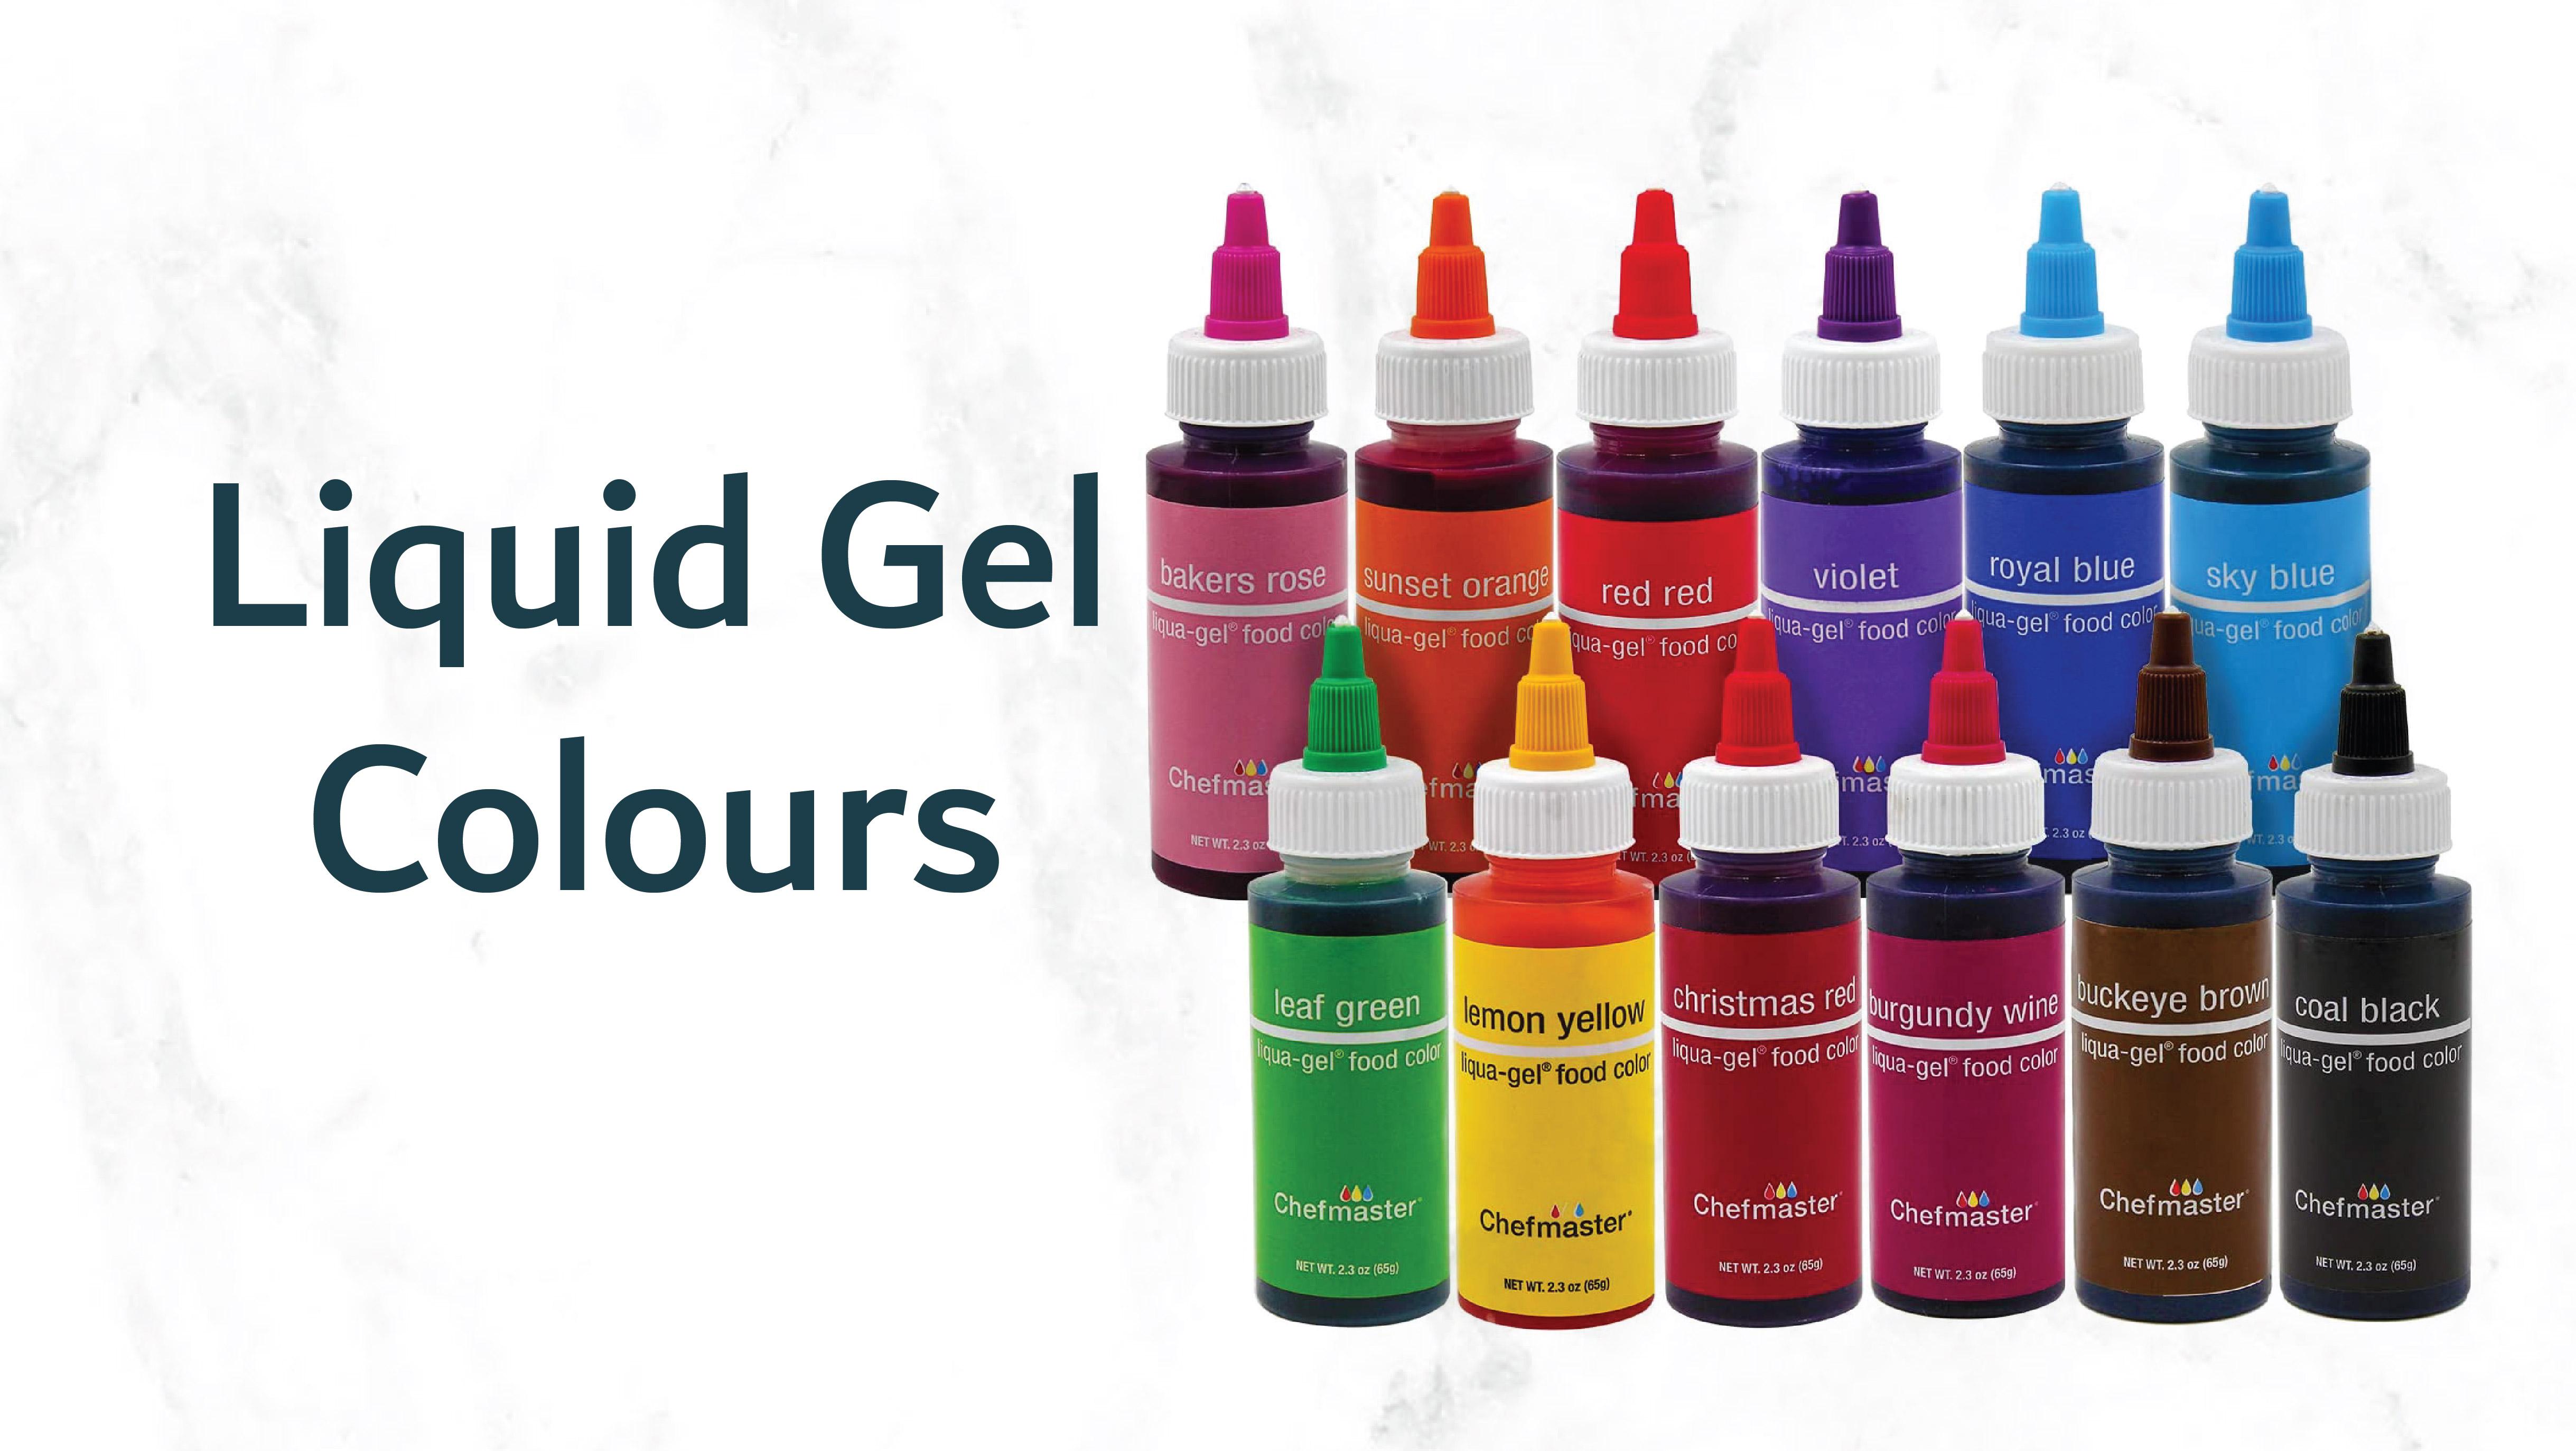 Liquid Gel Colours